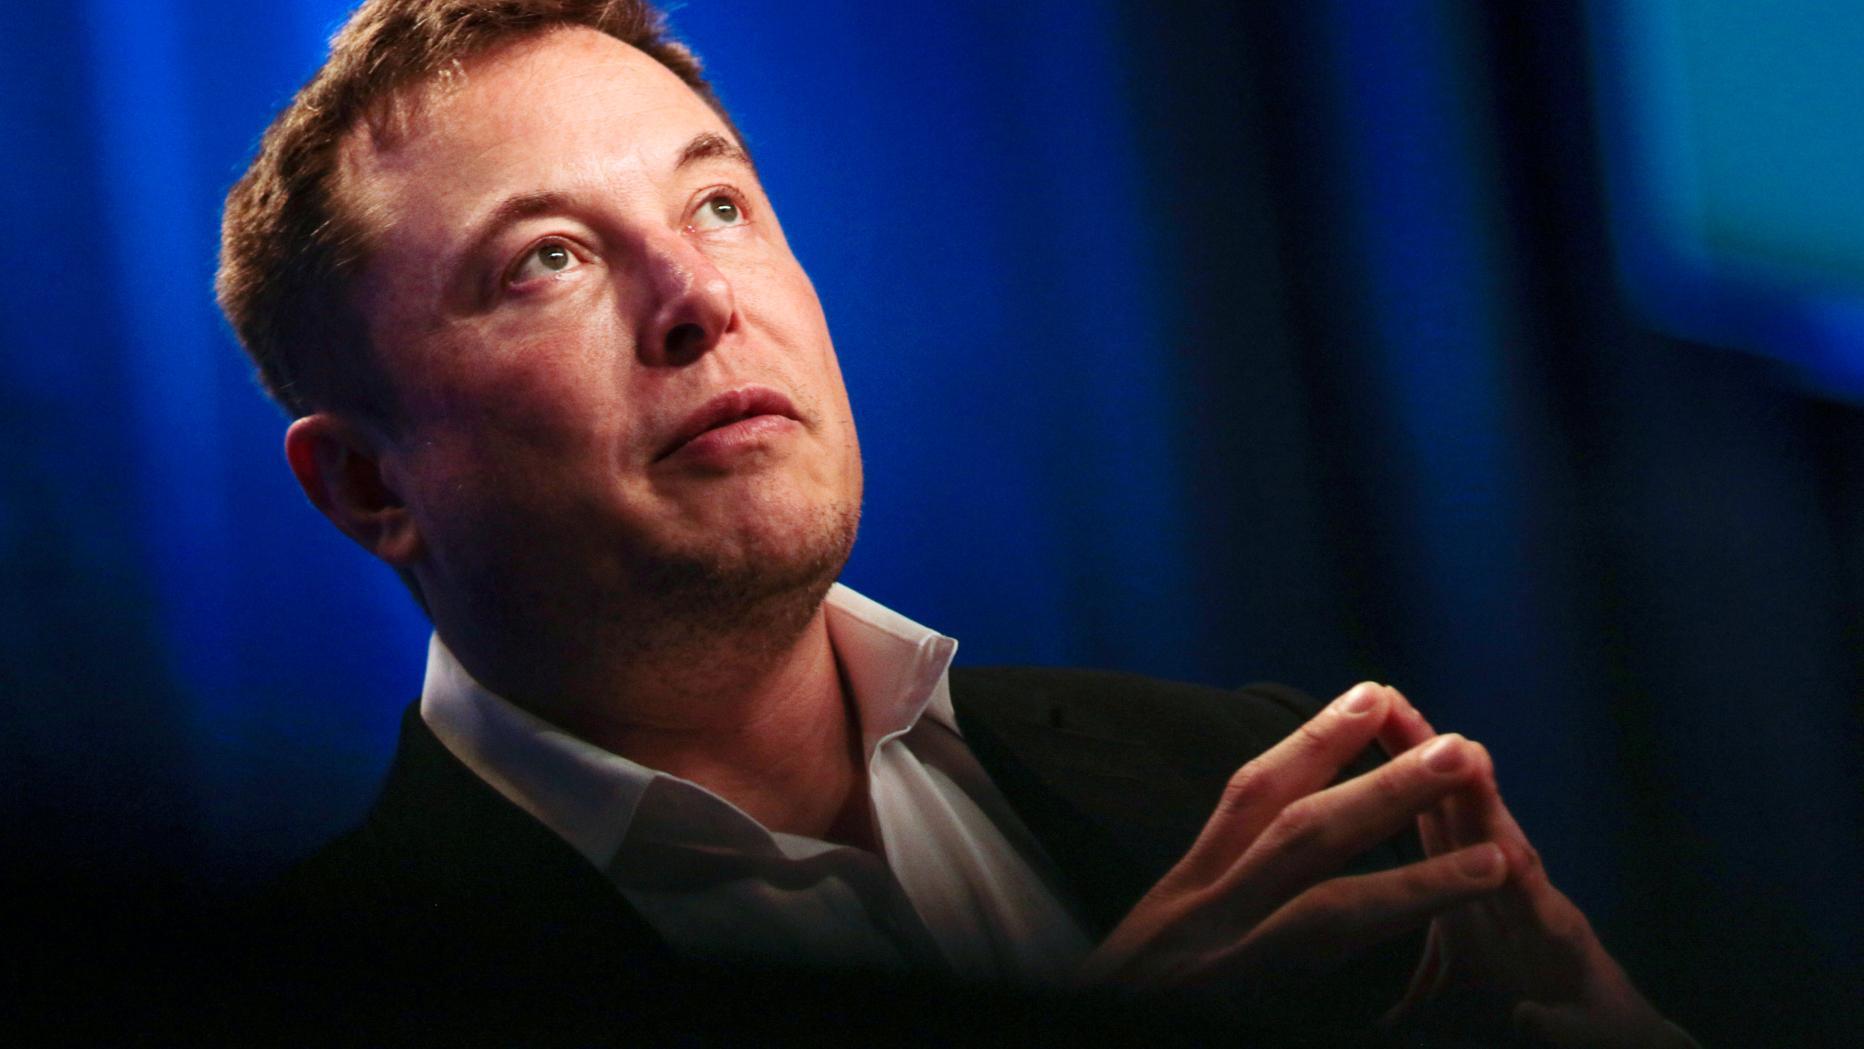 """Elon Musk: """"70-prozentige Chance, dass ich auf den Mars ziehe"""""""